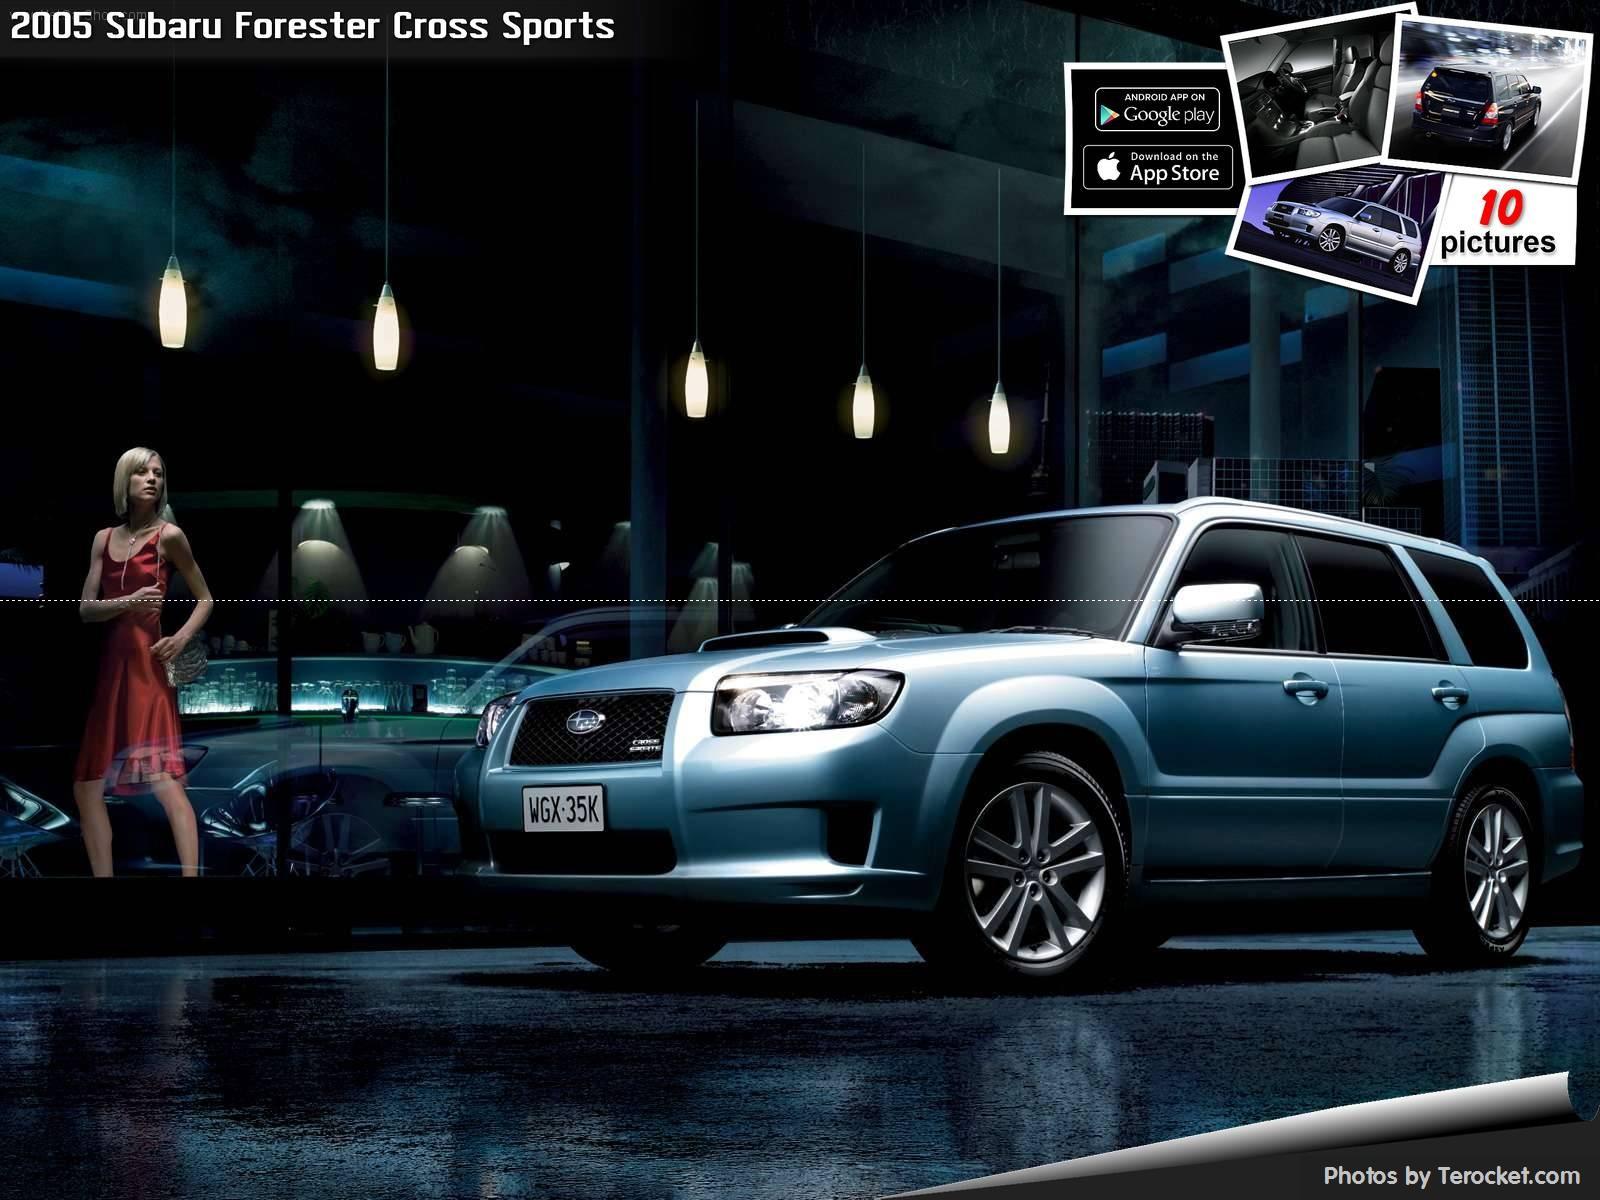 Hình ảnh xe ô tô Subaru Forester Cross Sports 2005 & nội ngoại thất